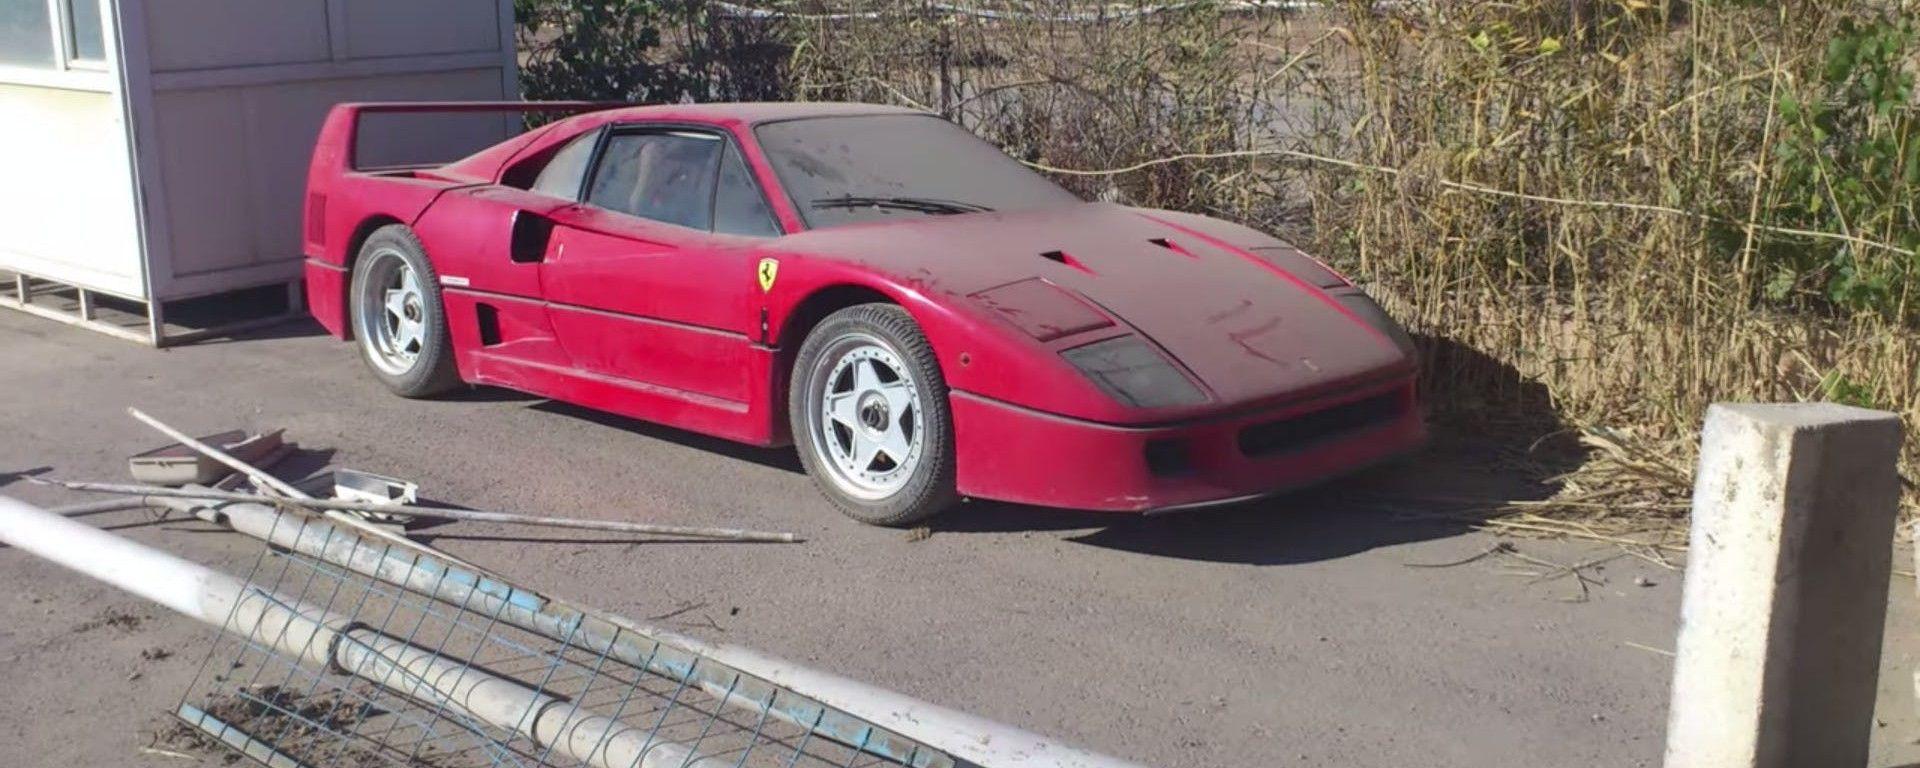 La Ferrari F40 in Iraq: forse appartenuta al figlio di Saddam